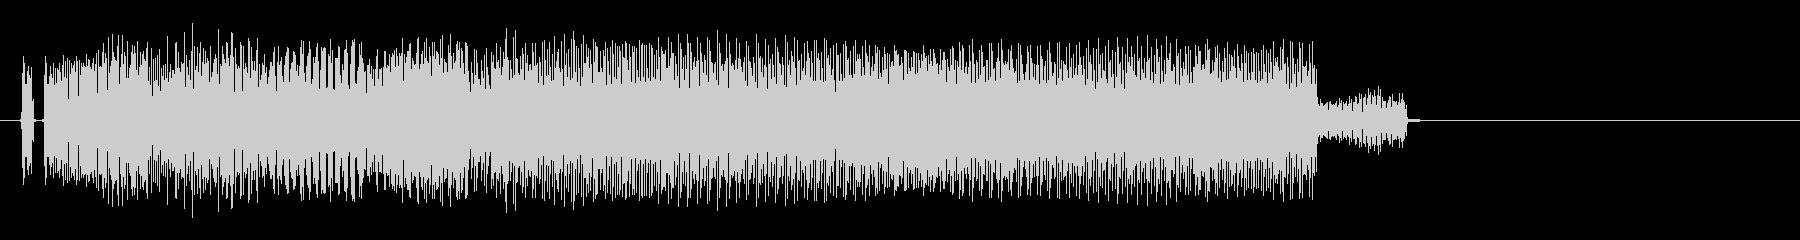 パラリラパー(場面転換、タイトルコール)の未再生の波形